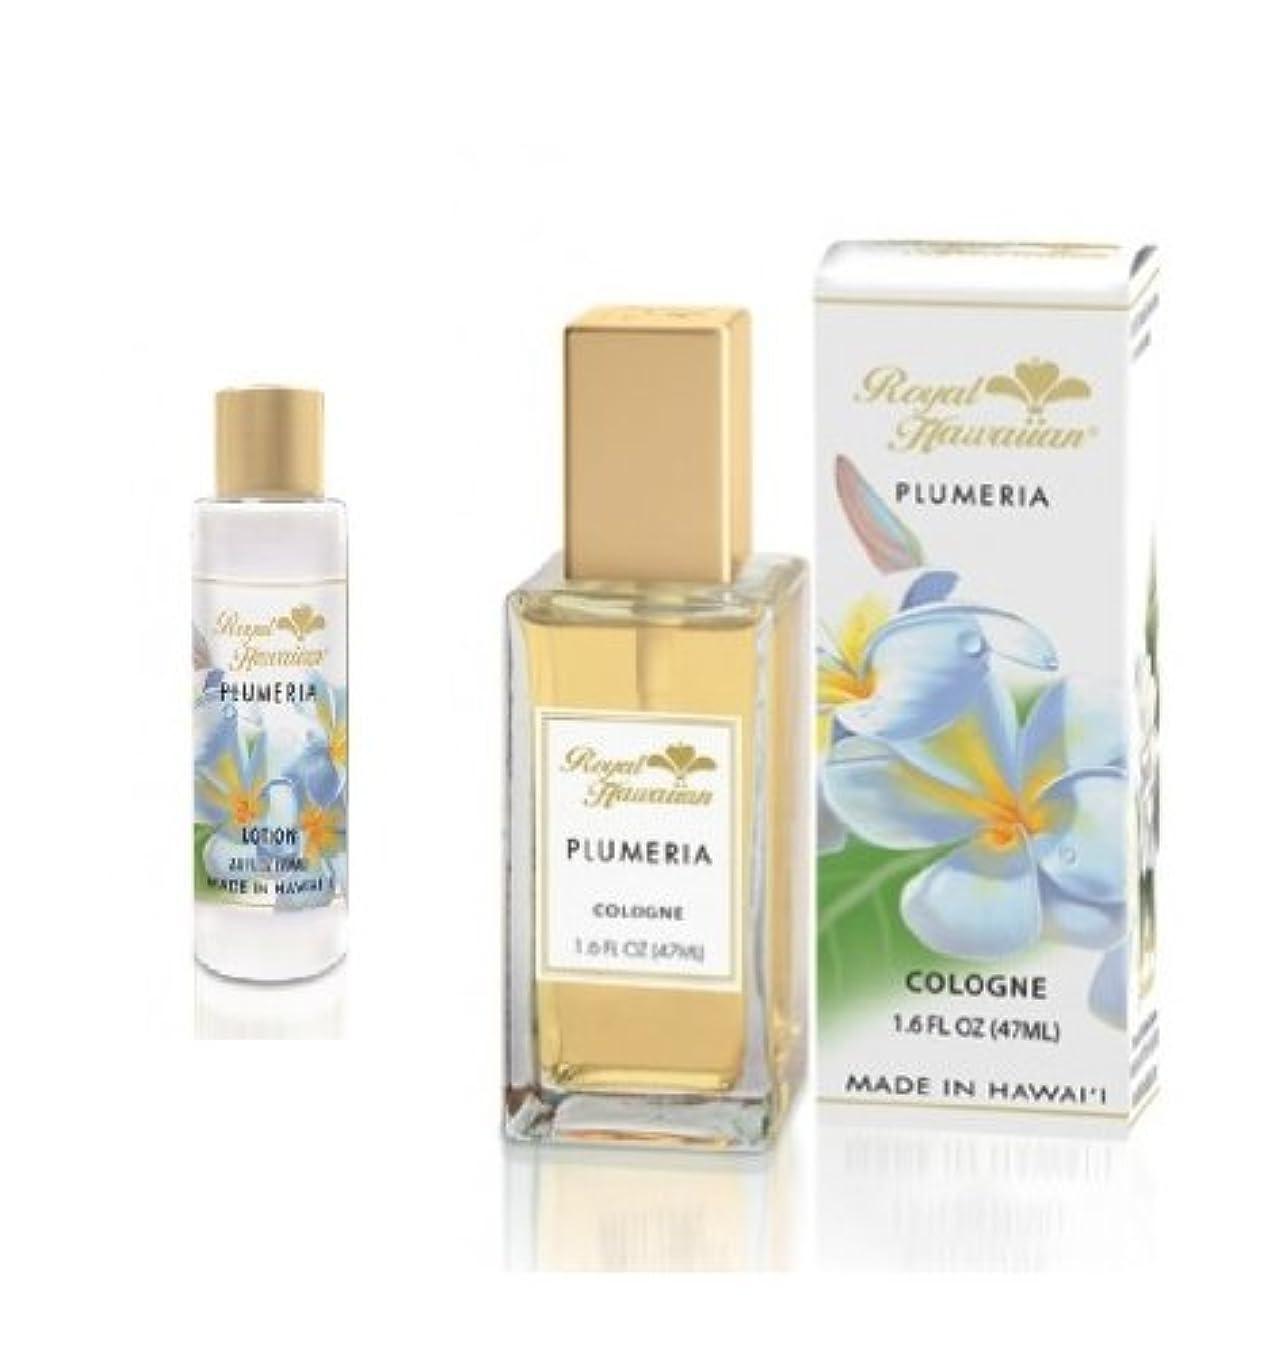 聞きますスタッフラリーベルモント【セット】ロイヤルハワイアン プルメリアボディ-ロ-ション(2オンス)&香水(1.6オンス) Royal Hawaiian Plumeria 【ハワイ直送品】